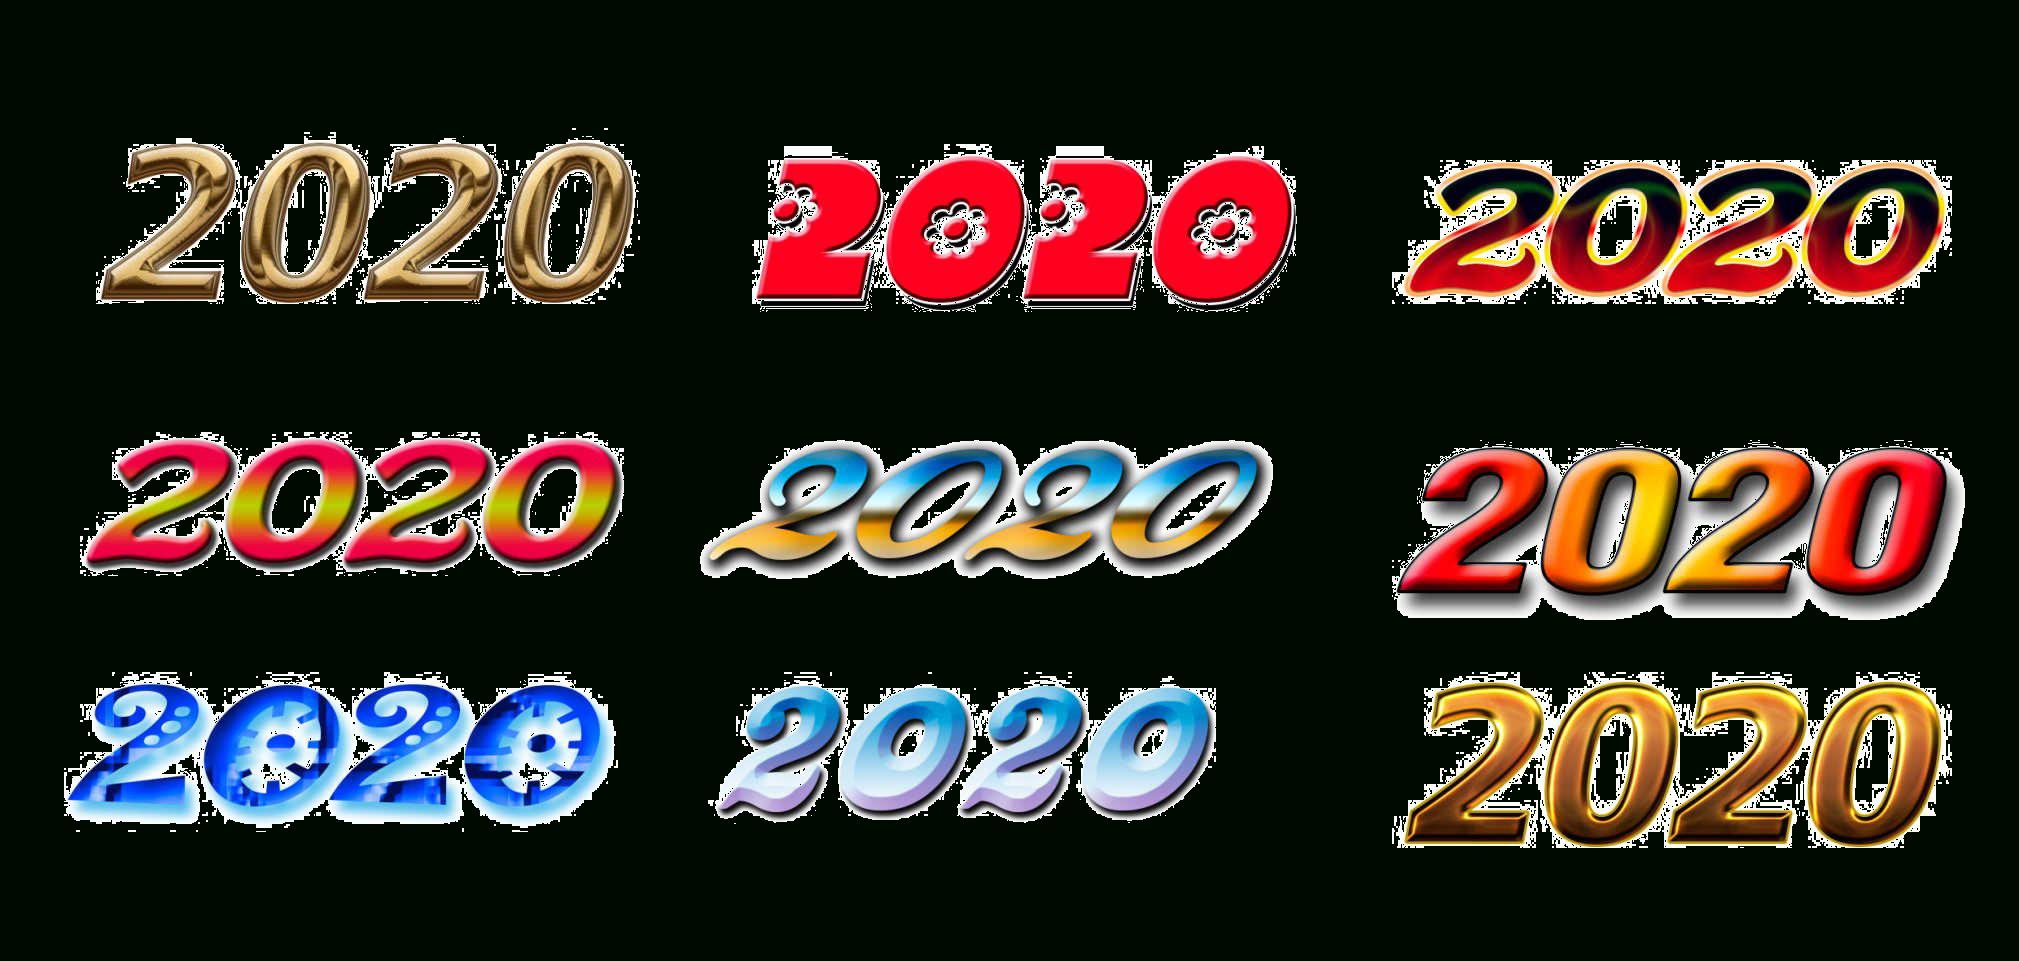 Year 2020 Transparent Background | Png Mart inside 2020 Transparent Background